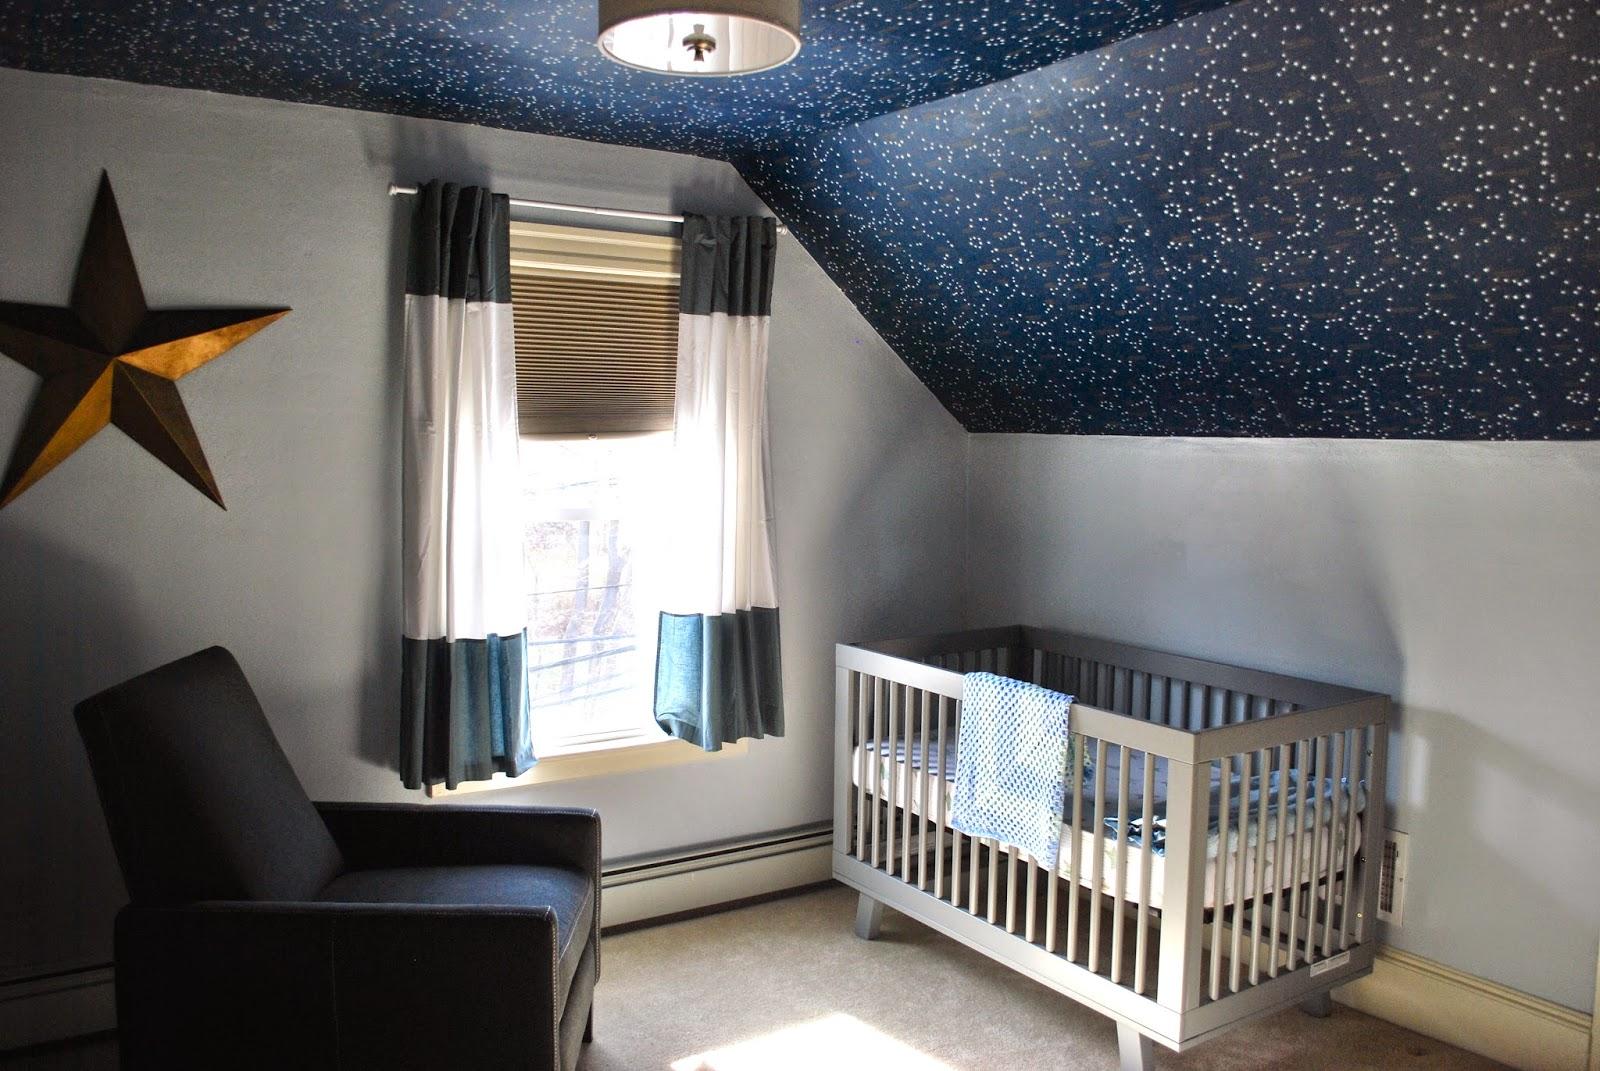 Full Size of Mit Sternen Im 24 Fotos Regale Sofa Regal Weiß Kinderzimmer Sternenhimmel Kinderzimmer